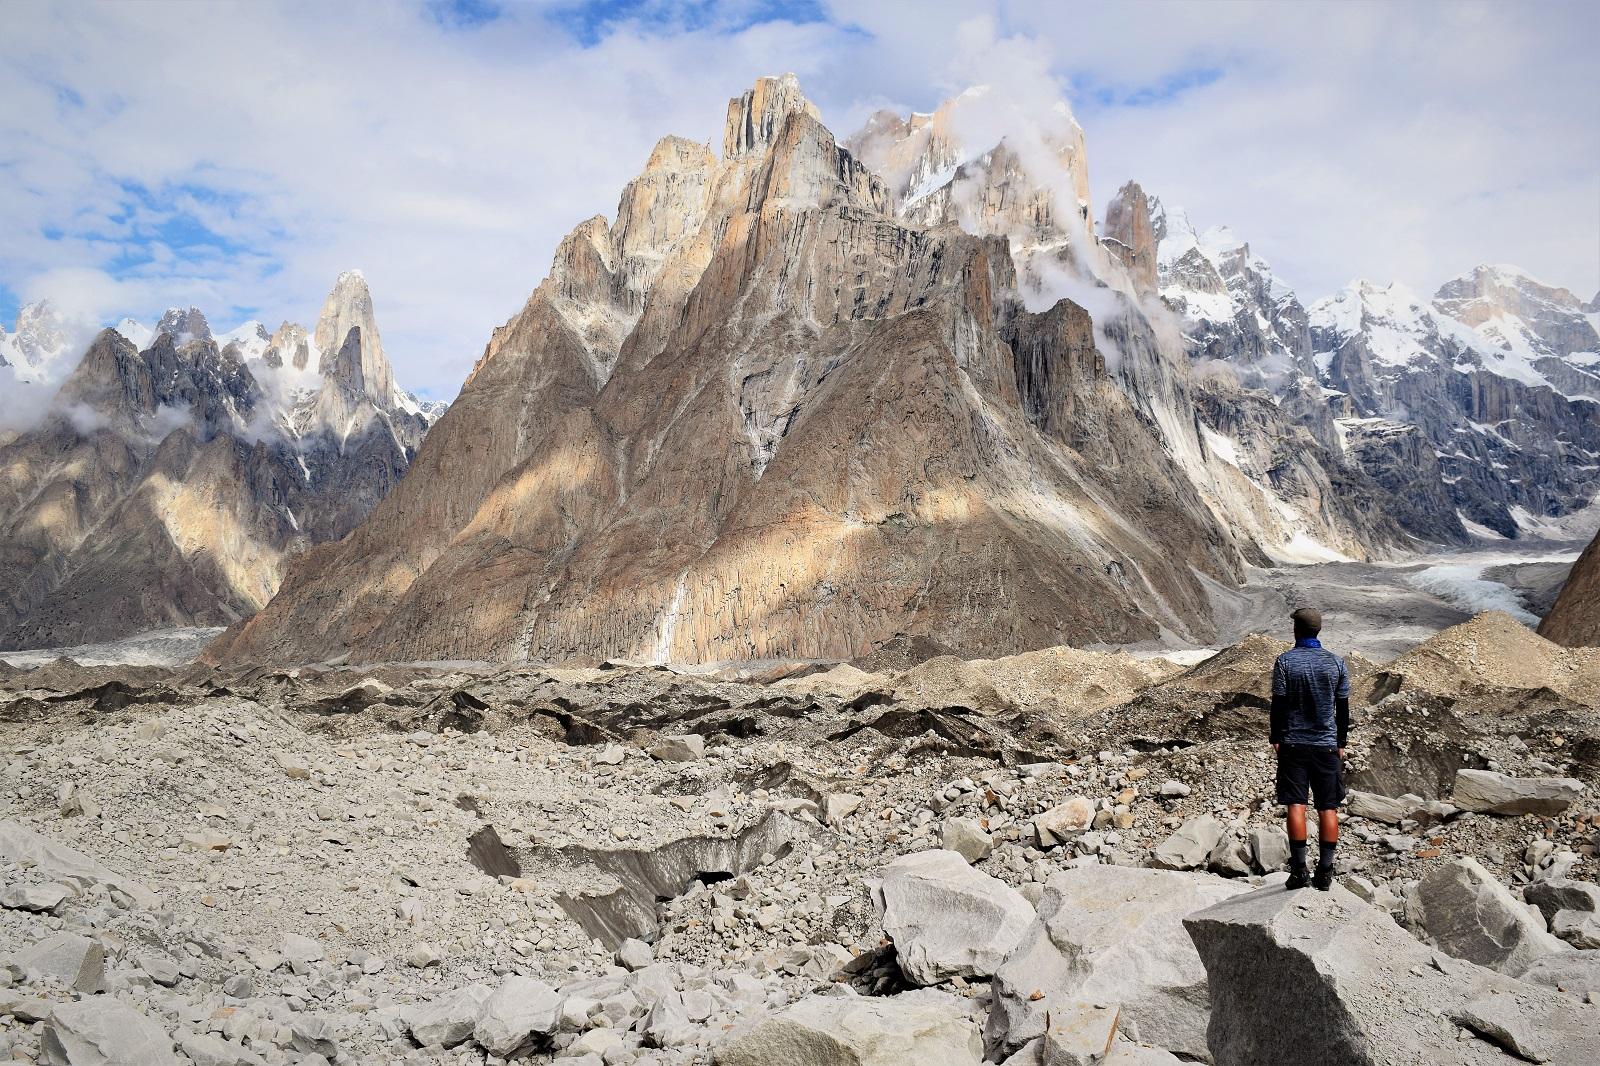 Počas treku do base campu K2 uvidíte aj majestátne Trango Towers